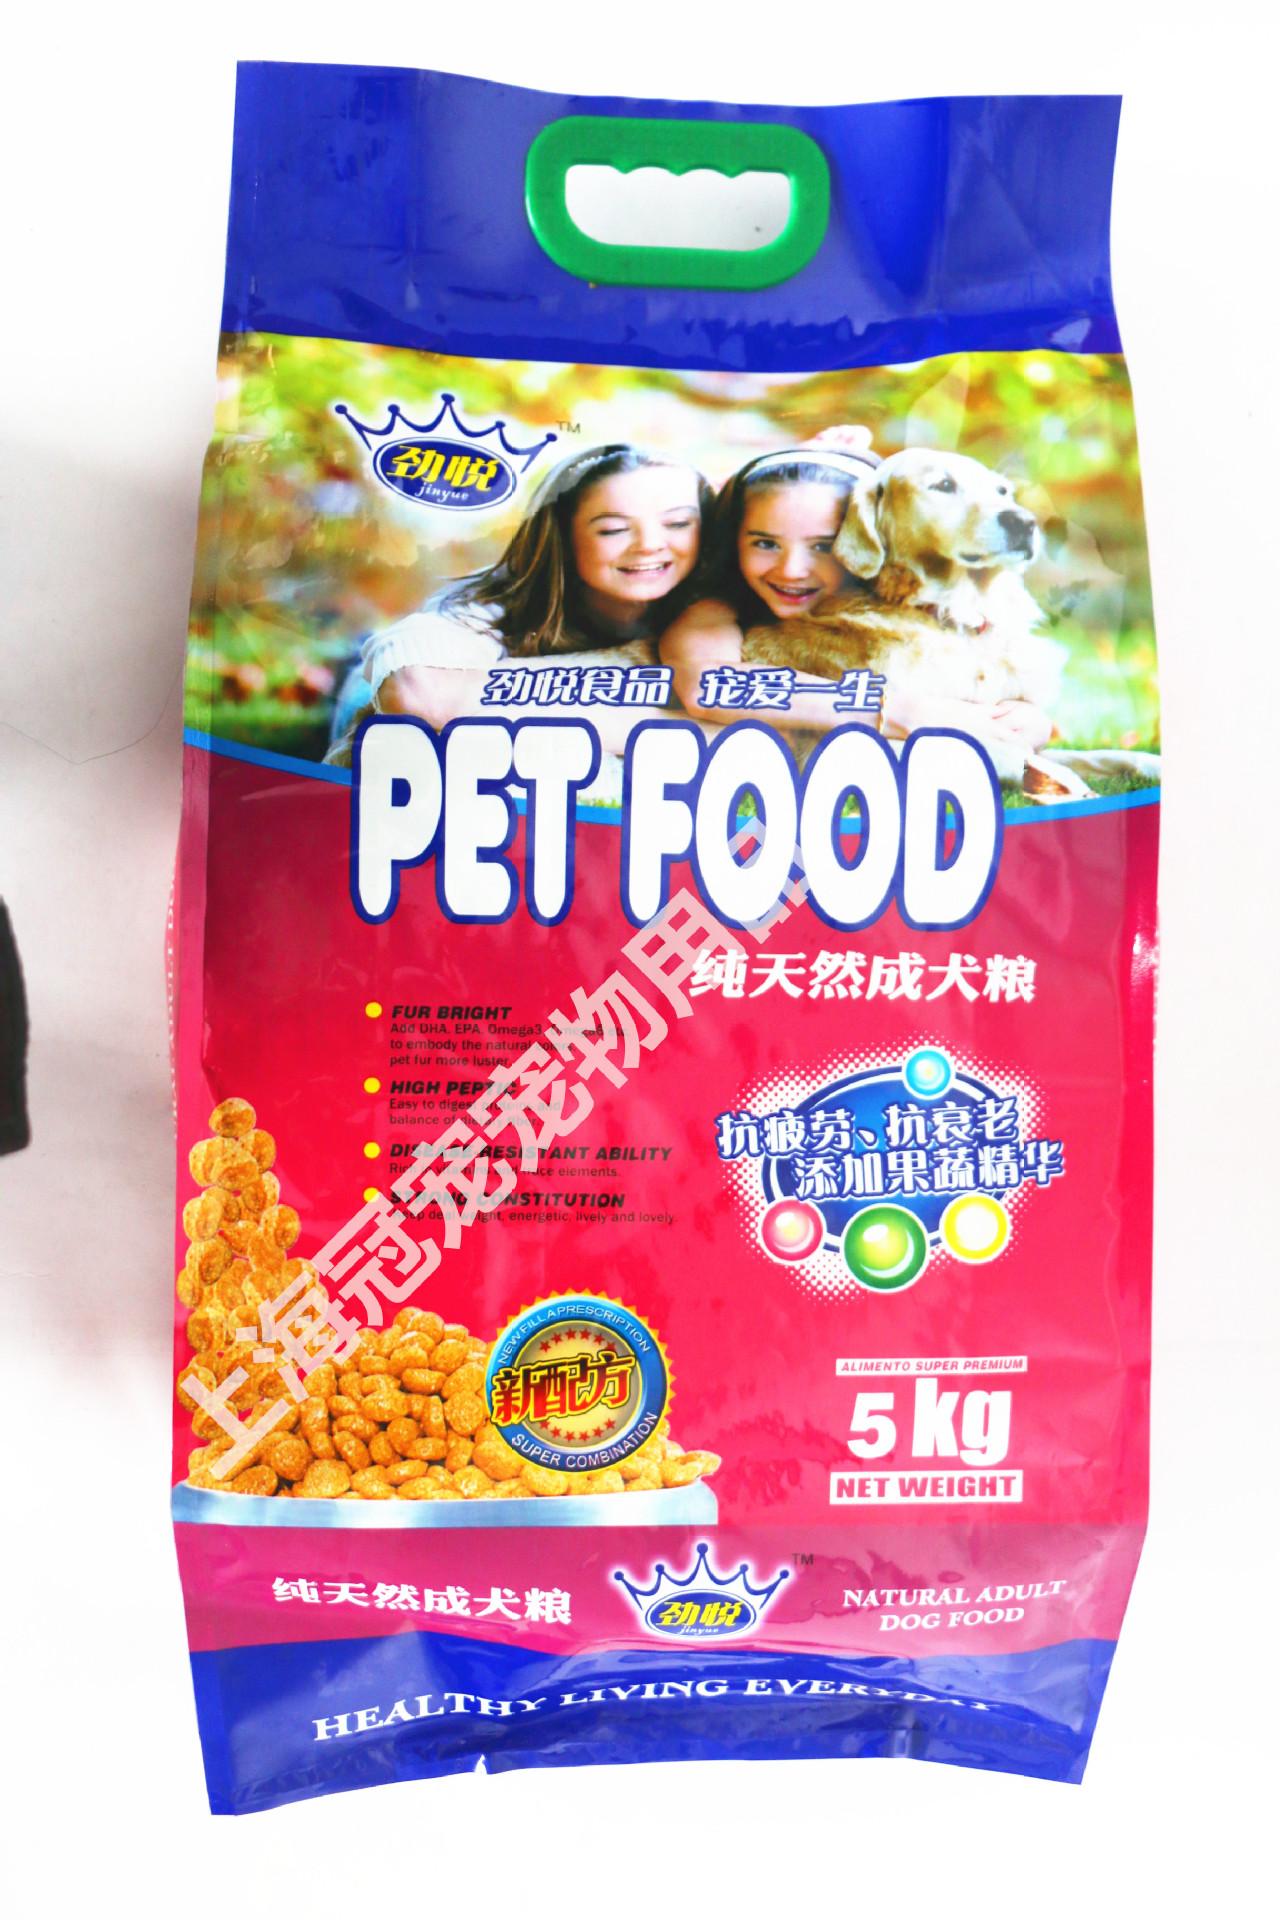 劲悦5kg天然鸡肉米饭犬粮贵宾泰迪金毛萨摩成犬狗粮